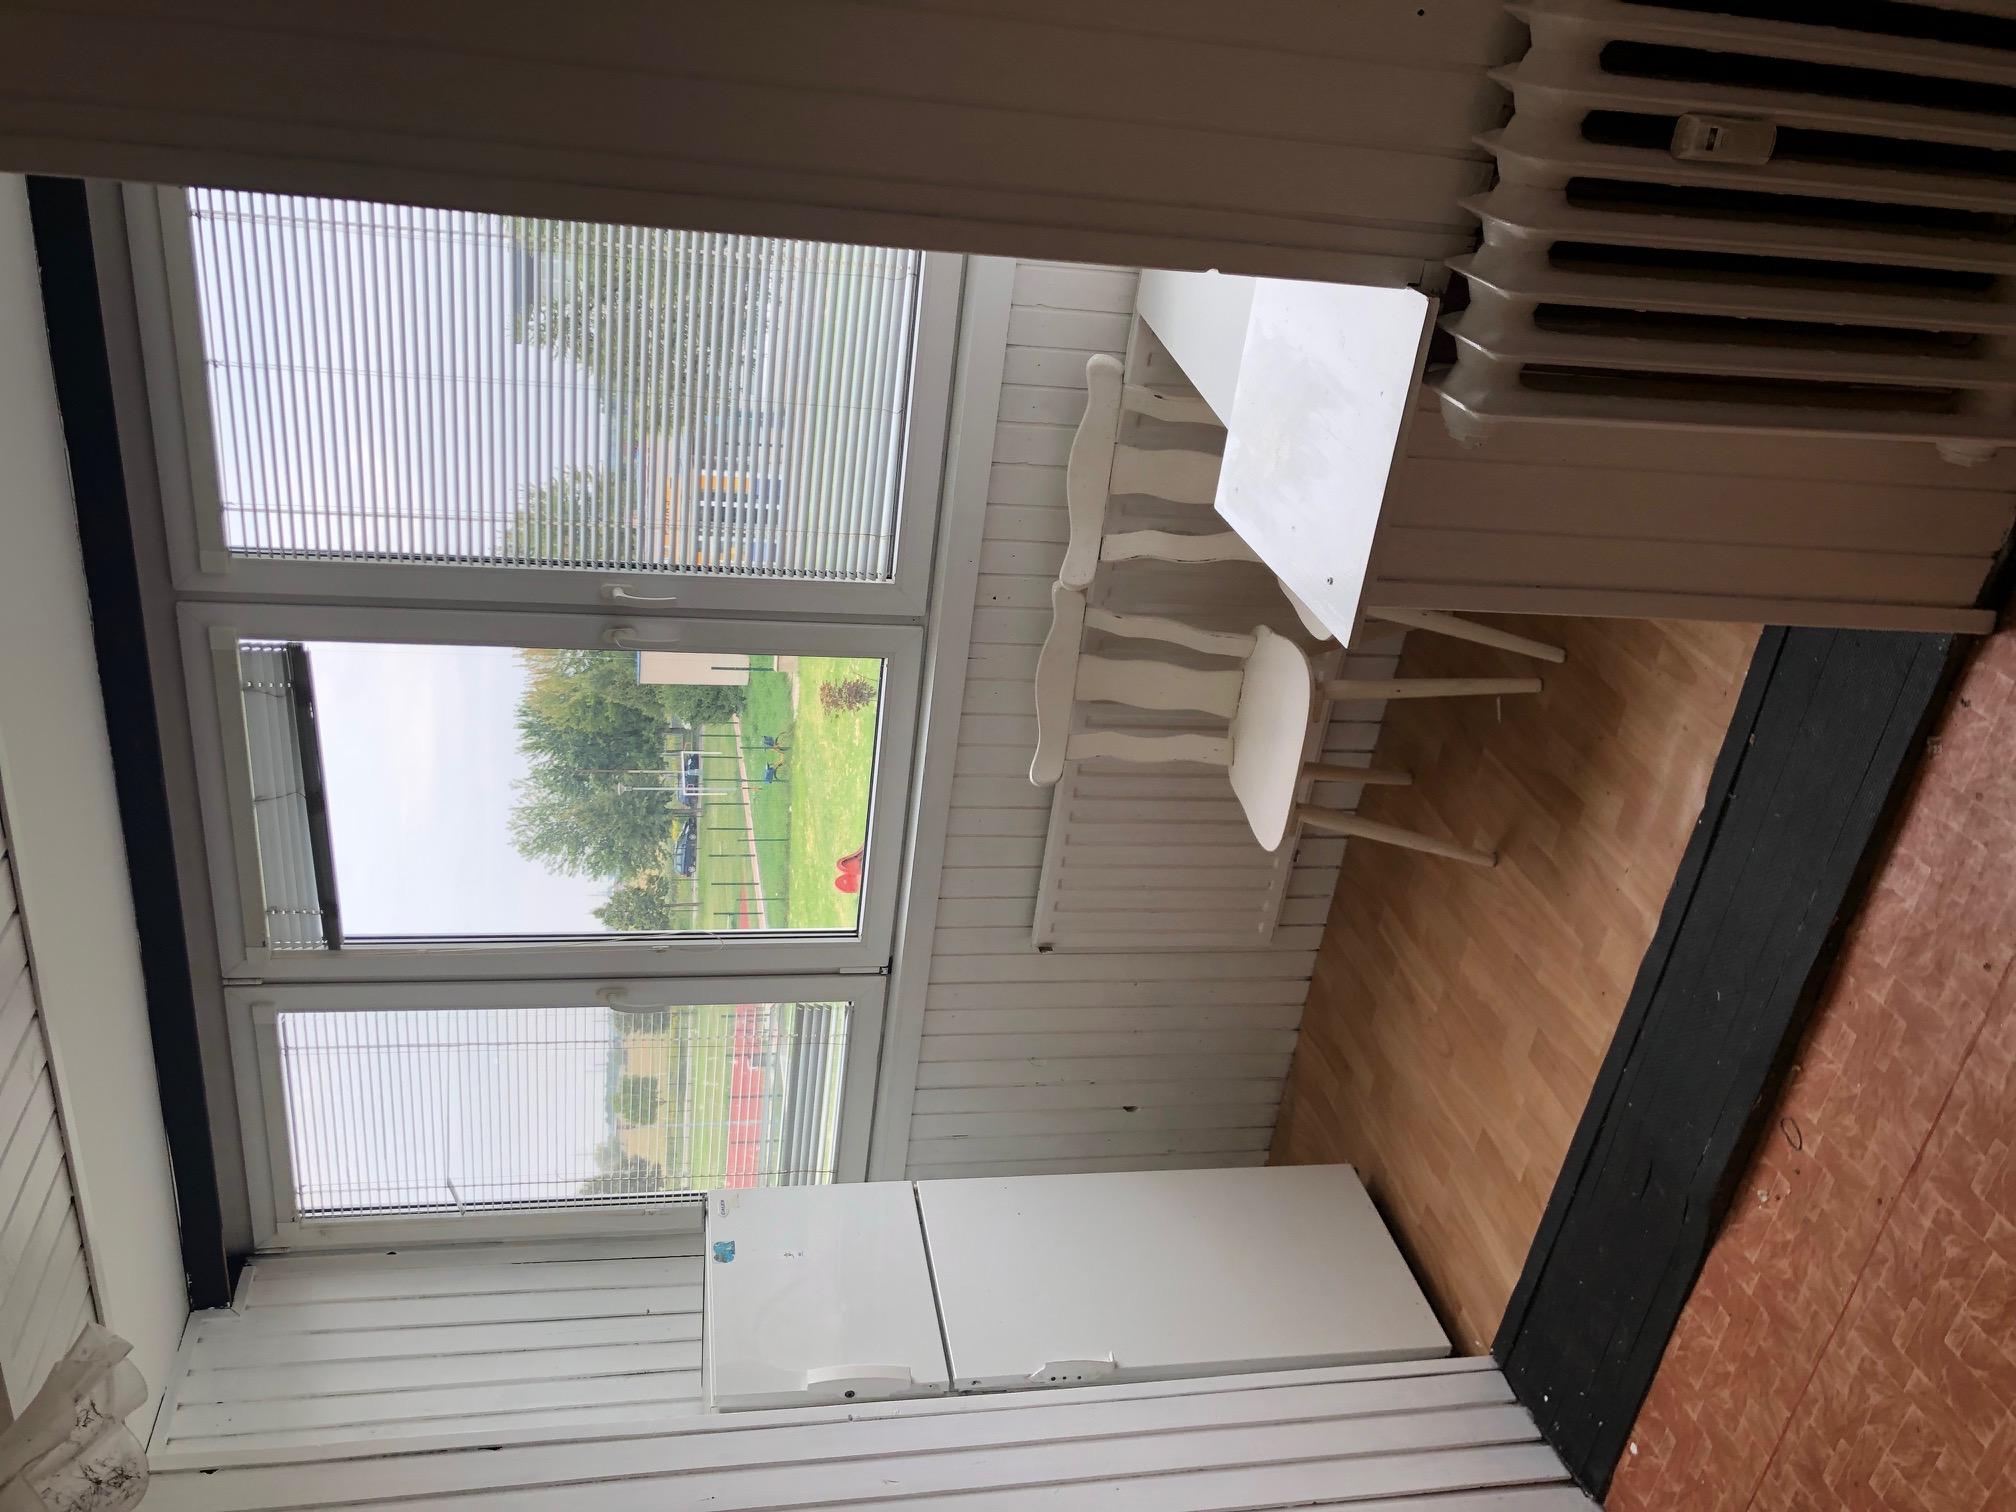 Predané: 2 izbový byt, 52m2, pivnica, pôvodný stav, Skuteckého, Malacky Juh-17